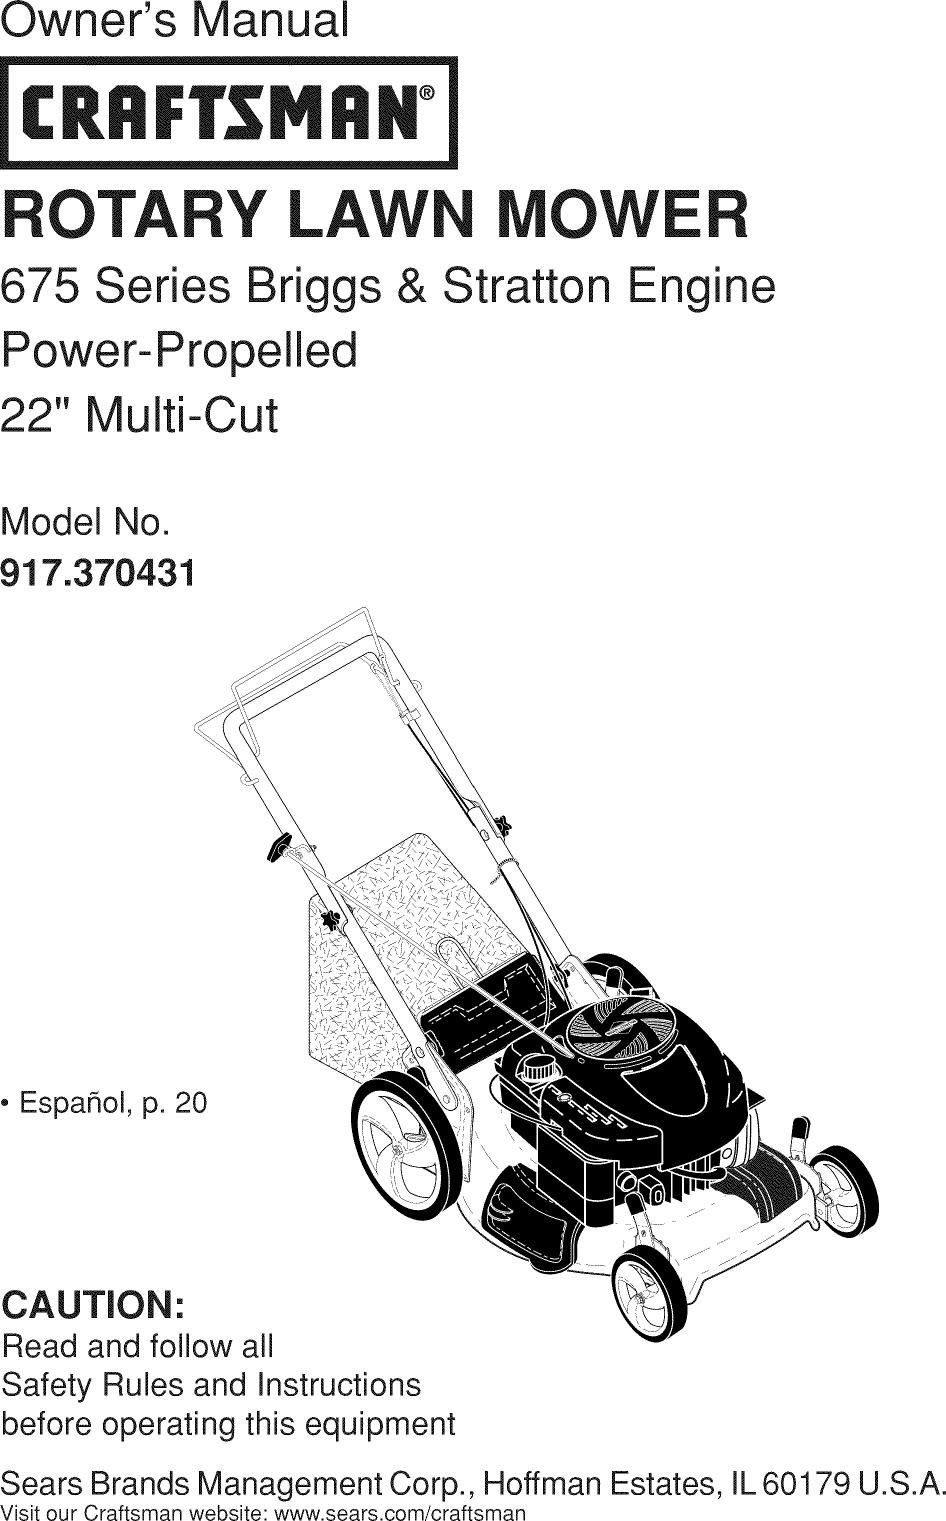 Craftsman 917370431 1211100L User Manual MOWER Manuals And